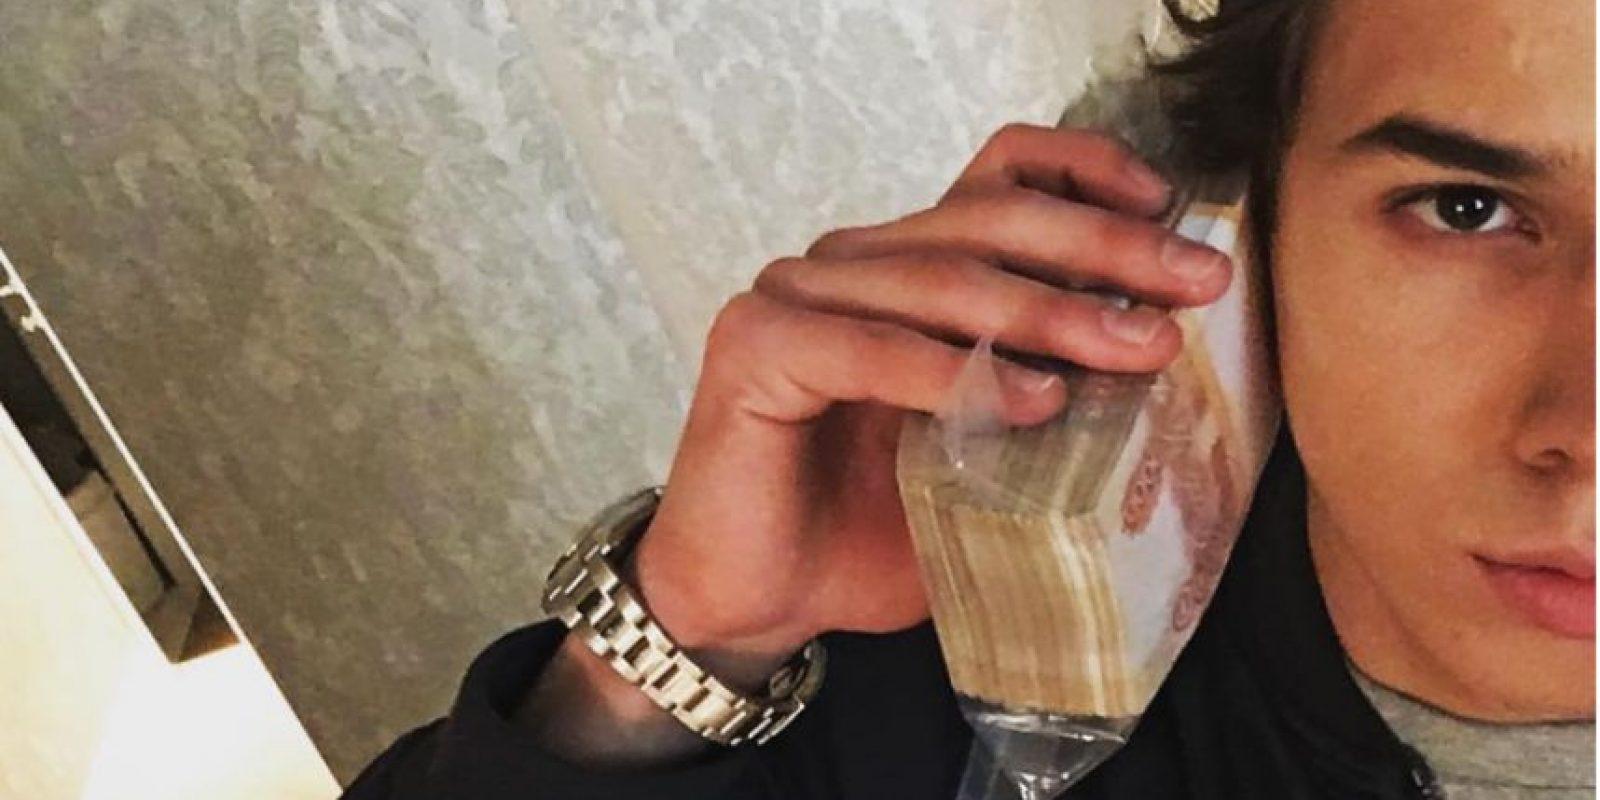 Gregory Mamurin, quien es conocido en las redes sociales como Grisha o GregoryGoldsheid, busca conseguir que sus víctimas caigan en humillaciones extremas a cambio de dinero. Foto:Instagram